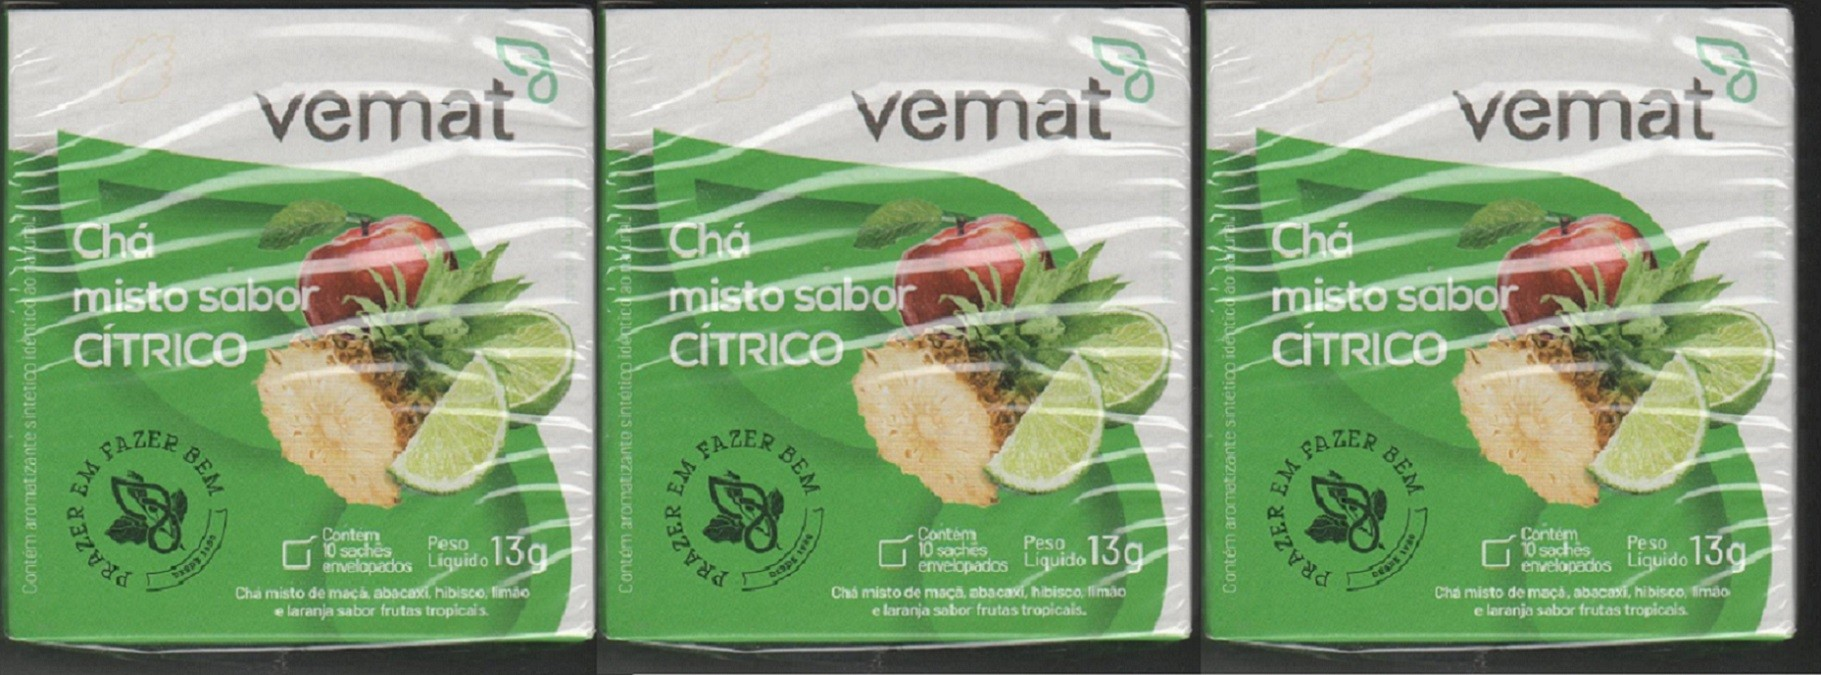 Cha Citrico (Limao, laranja, hibisco e maça) 10 Saches 3 cxs